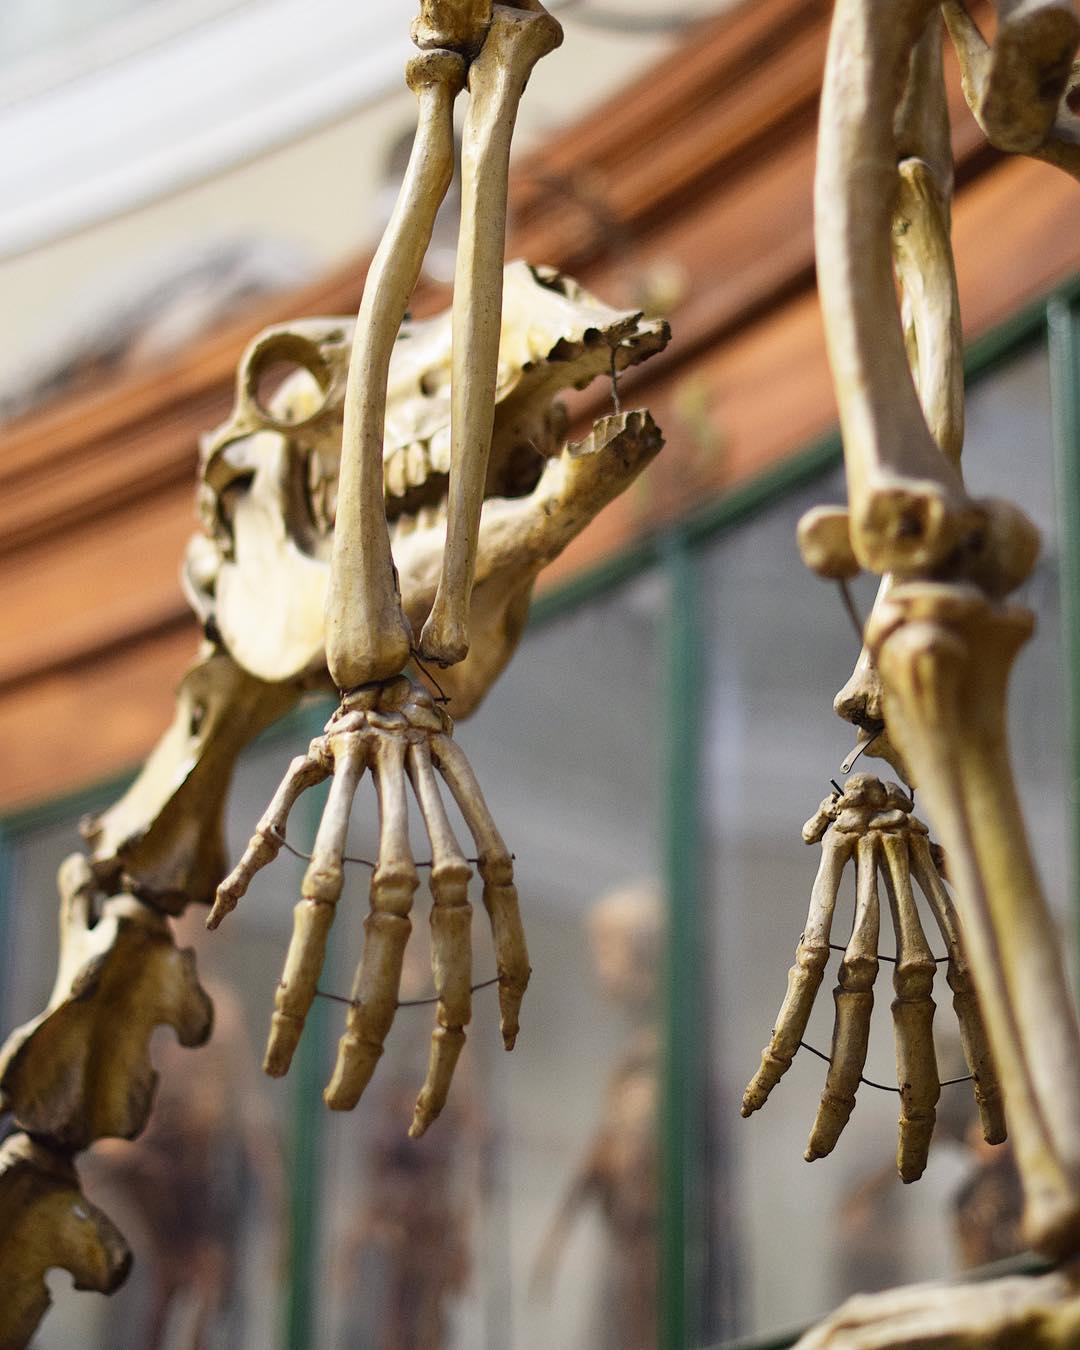 ✖️MUSEE D'ANATOMIE✖️ à la Faculté de Médecine lors des #JEP @jepofficiel . ➕ Journées Européennes du Patrimoine 2017 . ? Montpellier(34)?? .  _______________ #jep2017 #jep17 #jepmontpellier #jepmtp #journeeseuropeennesdupatrimoine #patrimoine #culture #patrimoine  #montpellier #pintademontpellier #blogtrip #travel #travelblog #travelblogger #citytripmontpellier #travelphotography #jeunesse #jeunesseetpatrimoine #ConcoursJEP